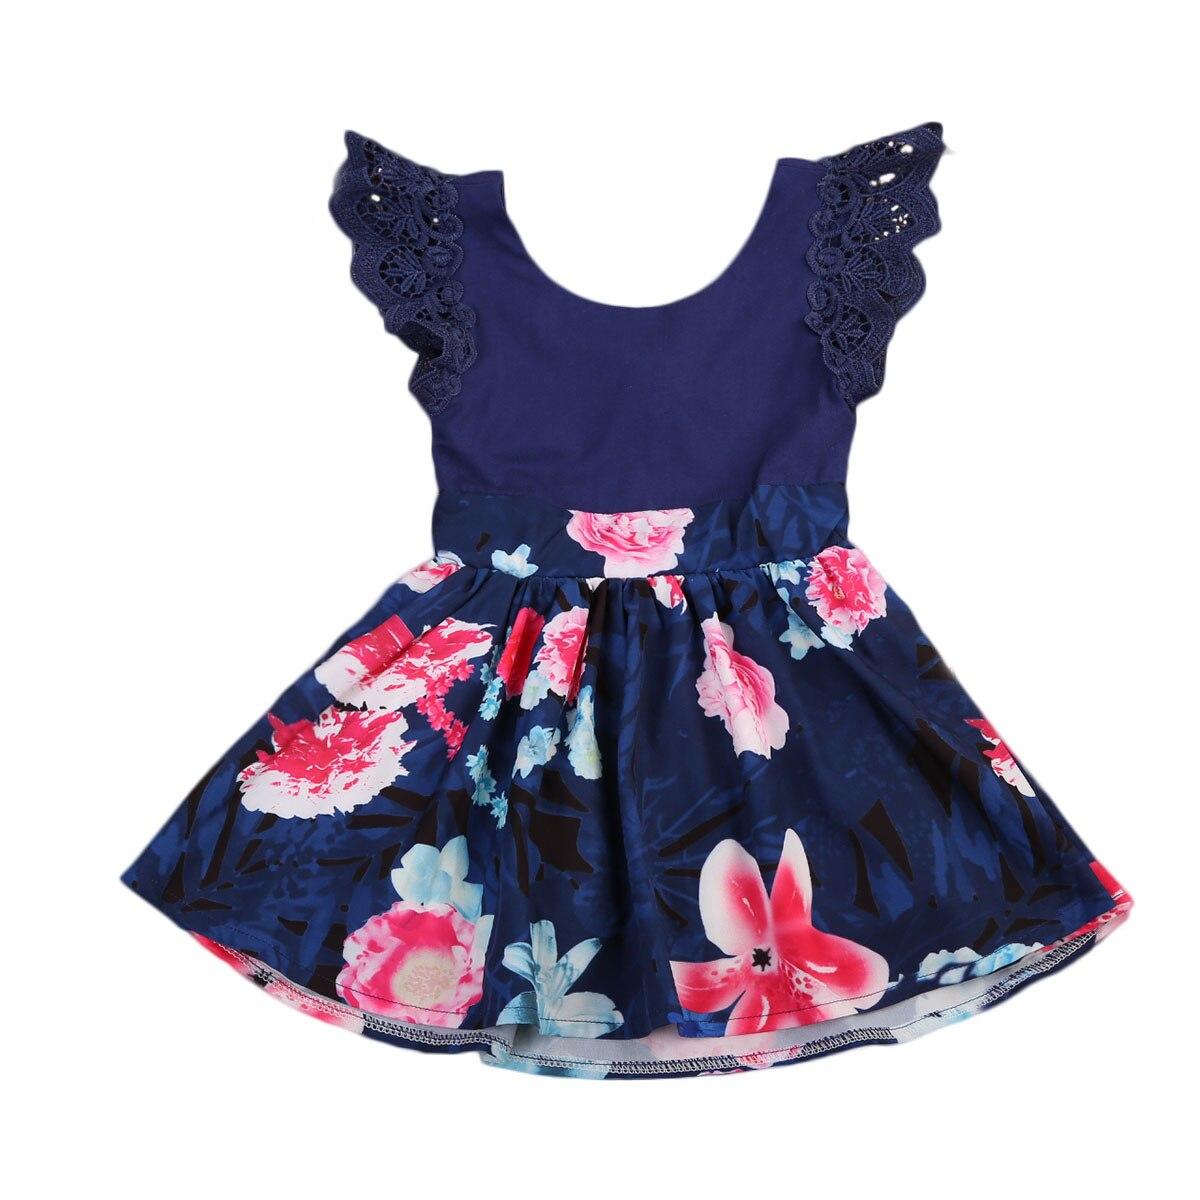 Mother Daughter Matching Flower Dresses Women Kids Girls Lace Sleeveless Floral Summer Party Dress Sundress Matching Outfits